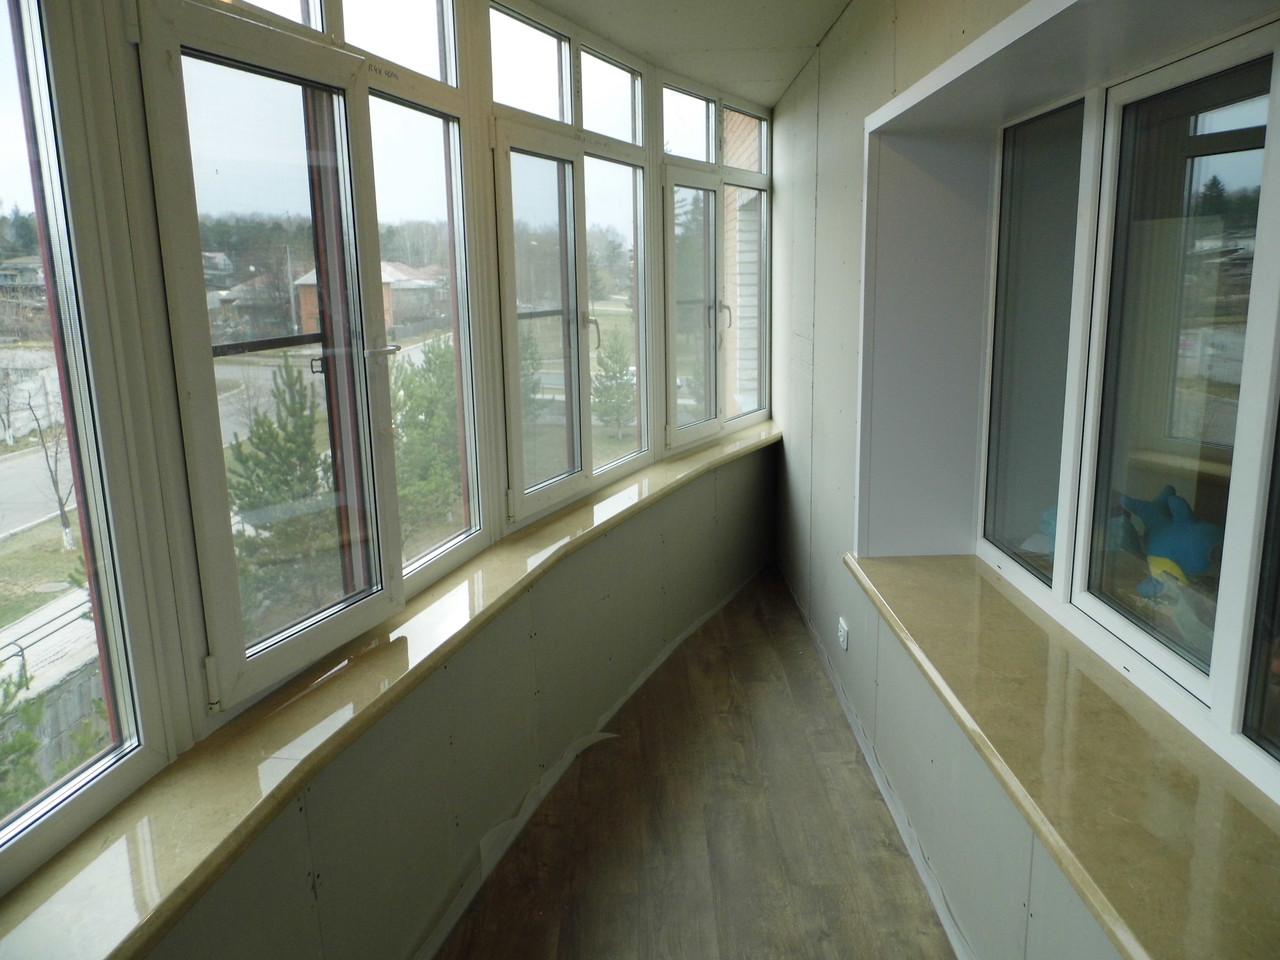 Остекление, утепление и отделка балконов под ключ в апрелевк.